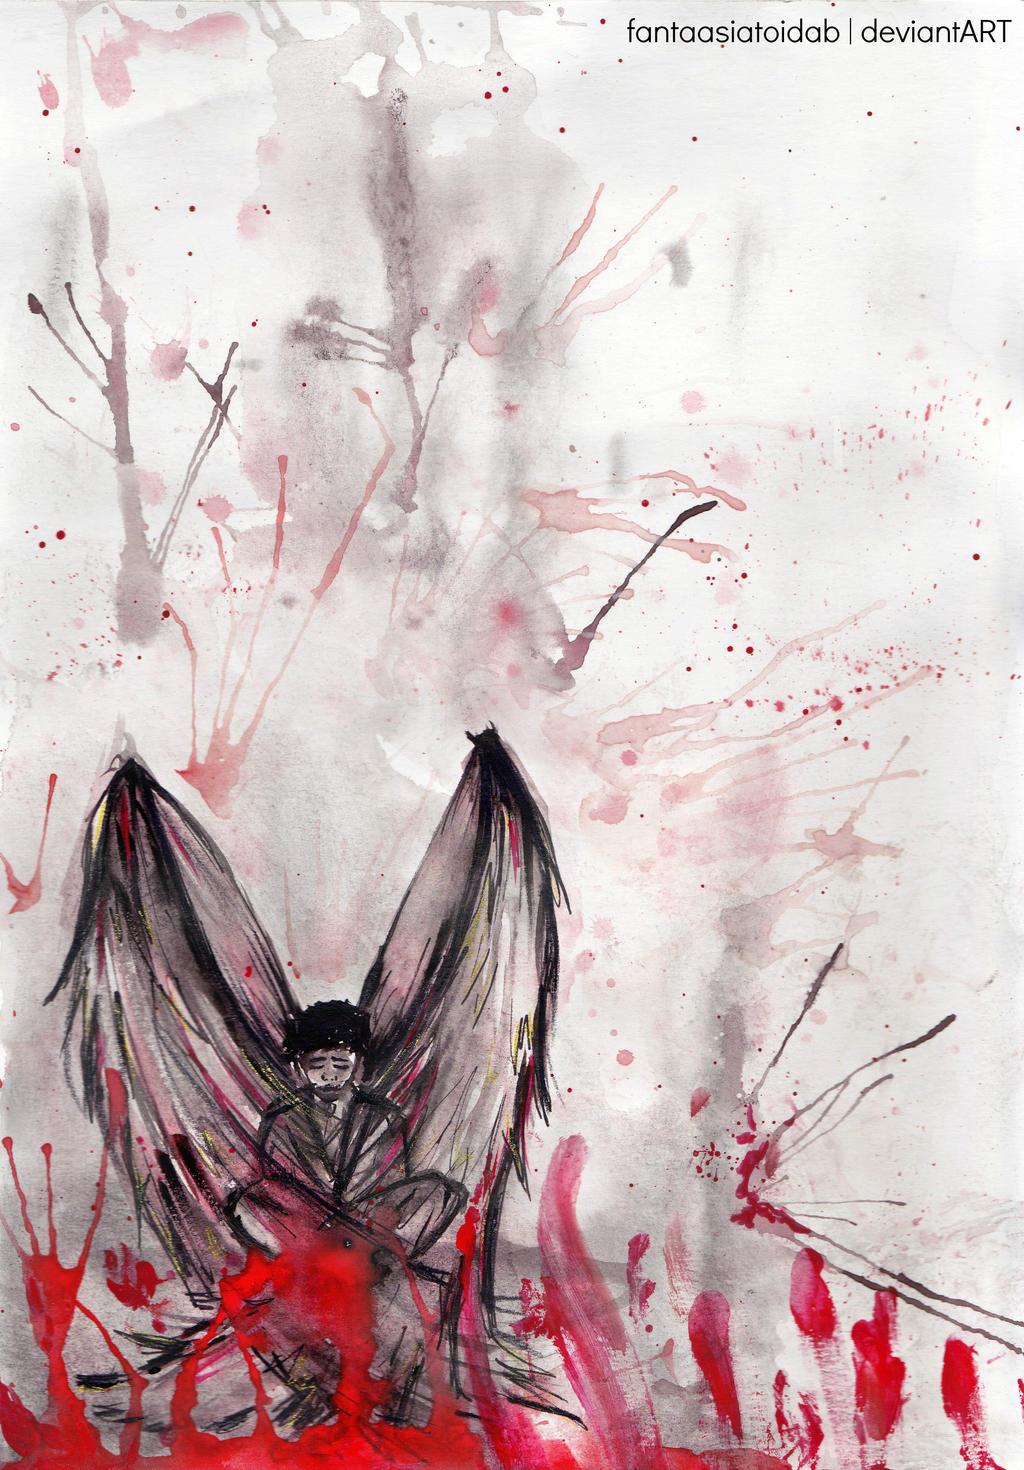 Fallen Angel by Fantaasiatoidab